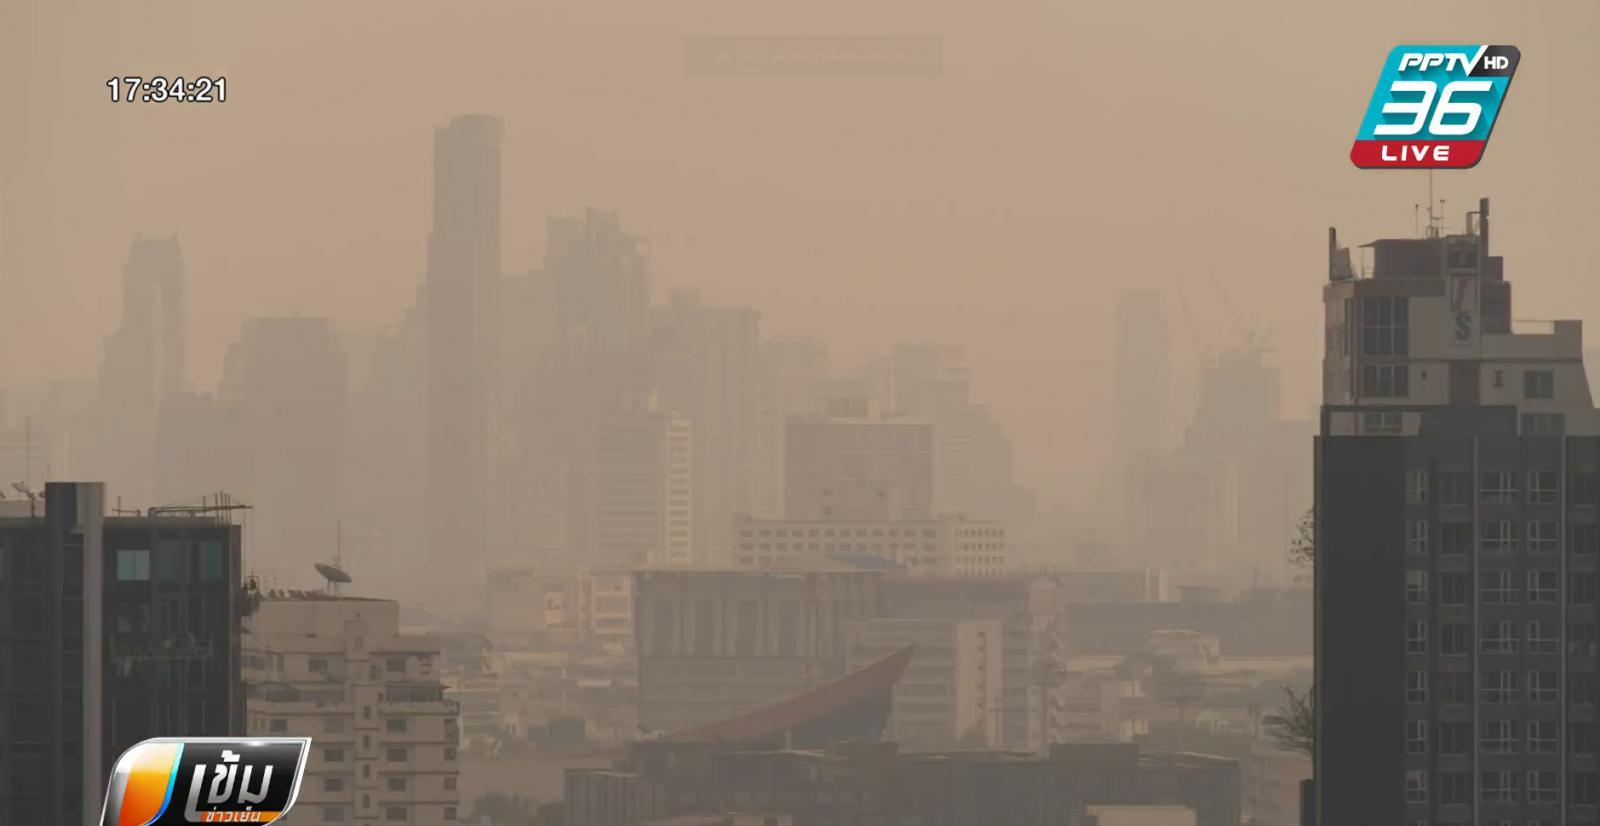 ศกพ. แนะ WFH ทางเลือกลดฝุ่น PM 2.5